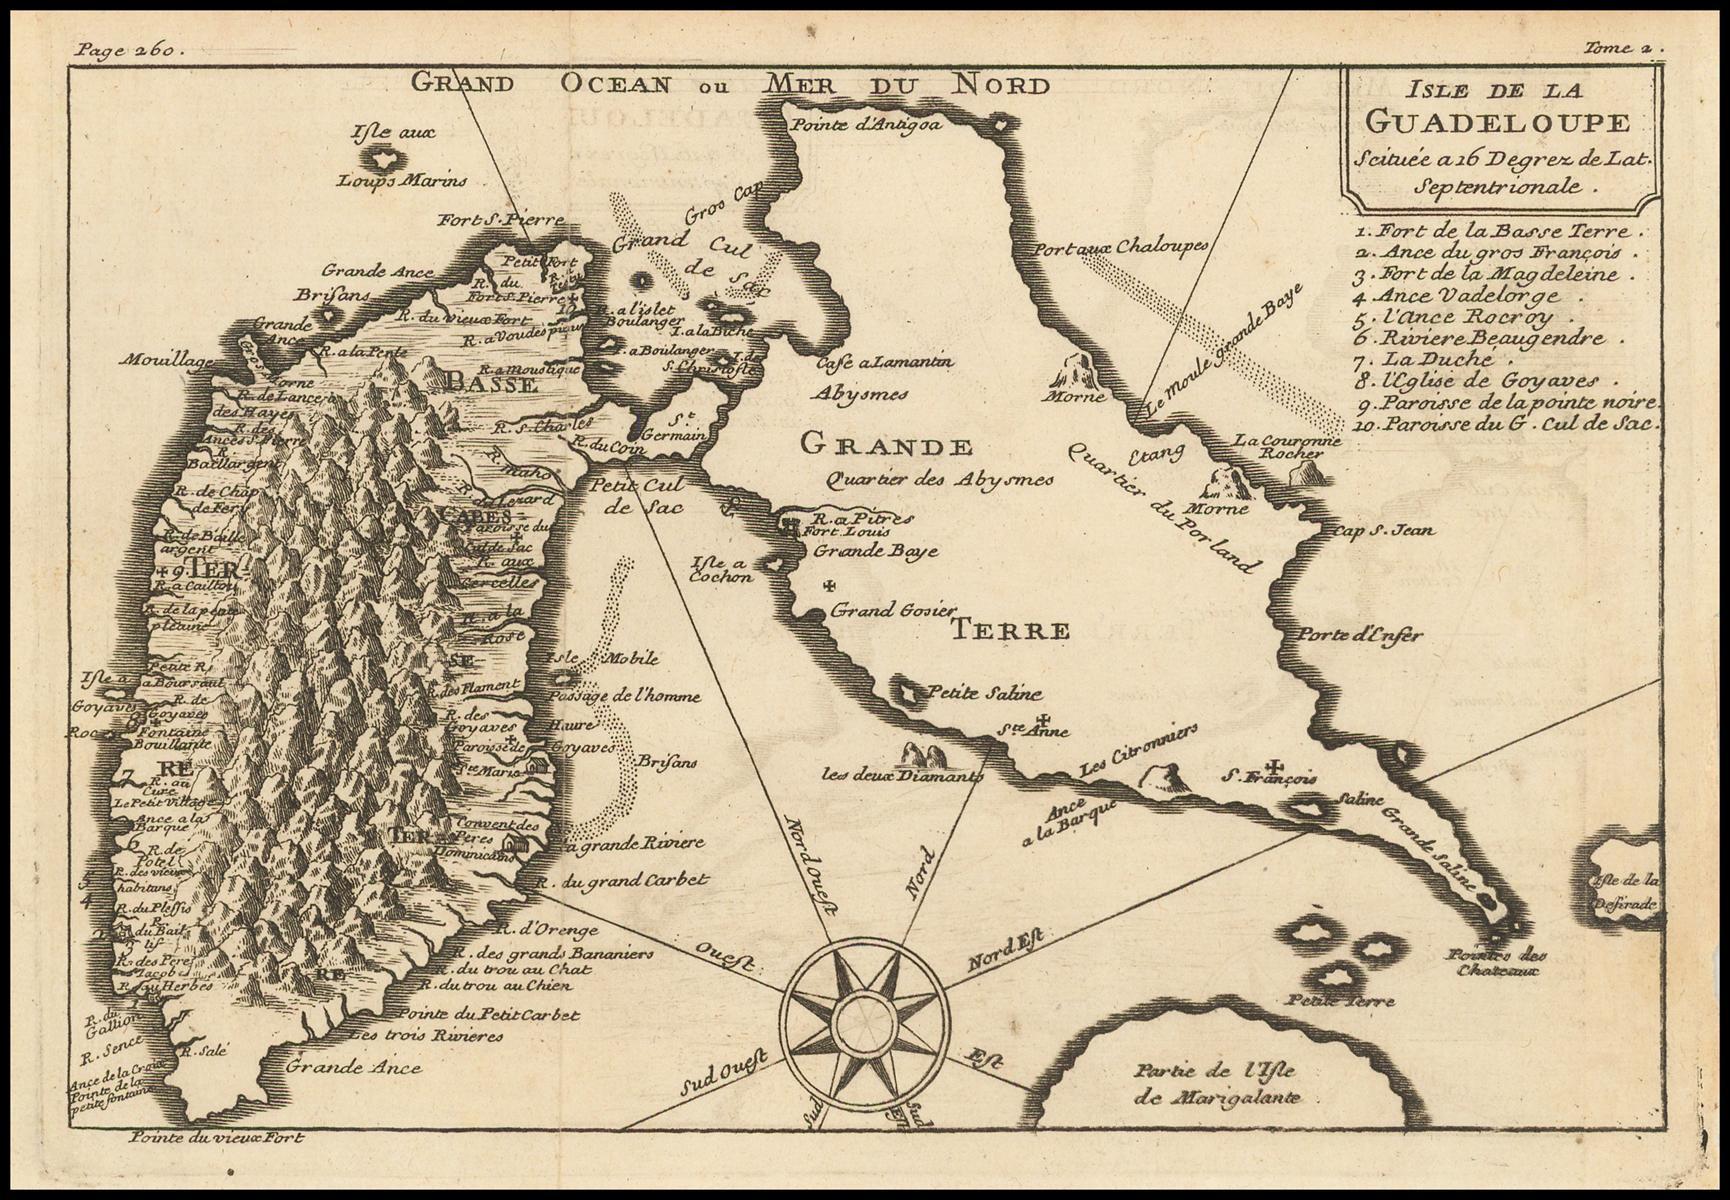 Редкая карта острова Гуадалупе и Карибского моря Николаса де Фер